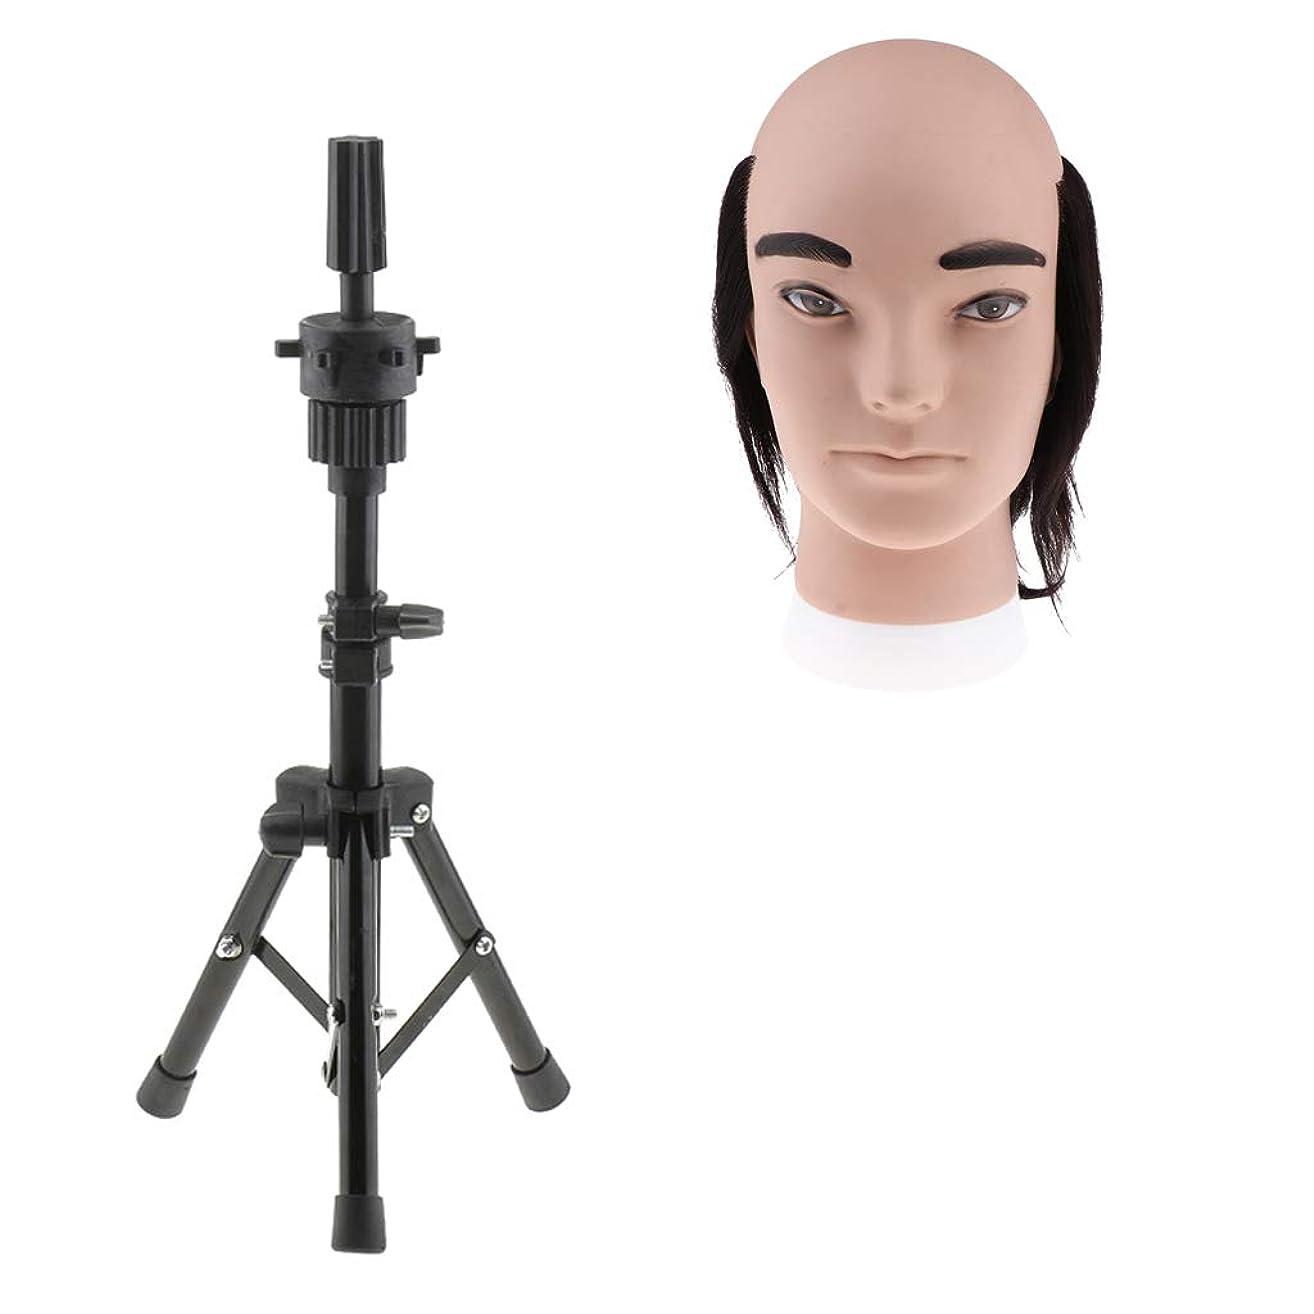 天才起きろオートマトンCUTICATE 人間の髪毛 男性 マネキン トレーニング マネキン美容人形 人形の頭付き三脚ホルダー